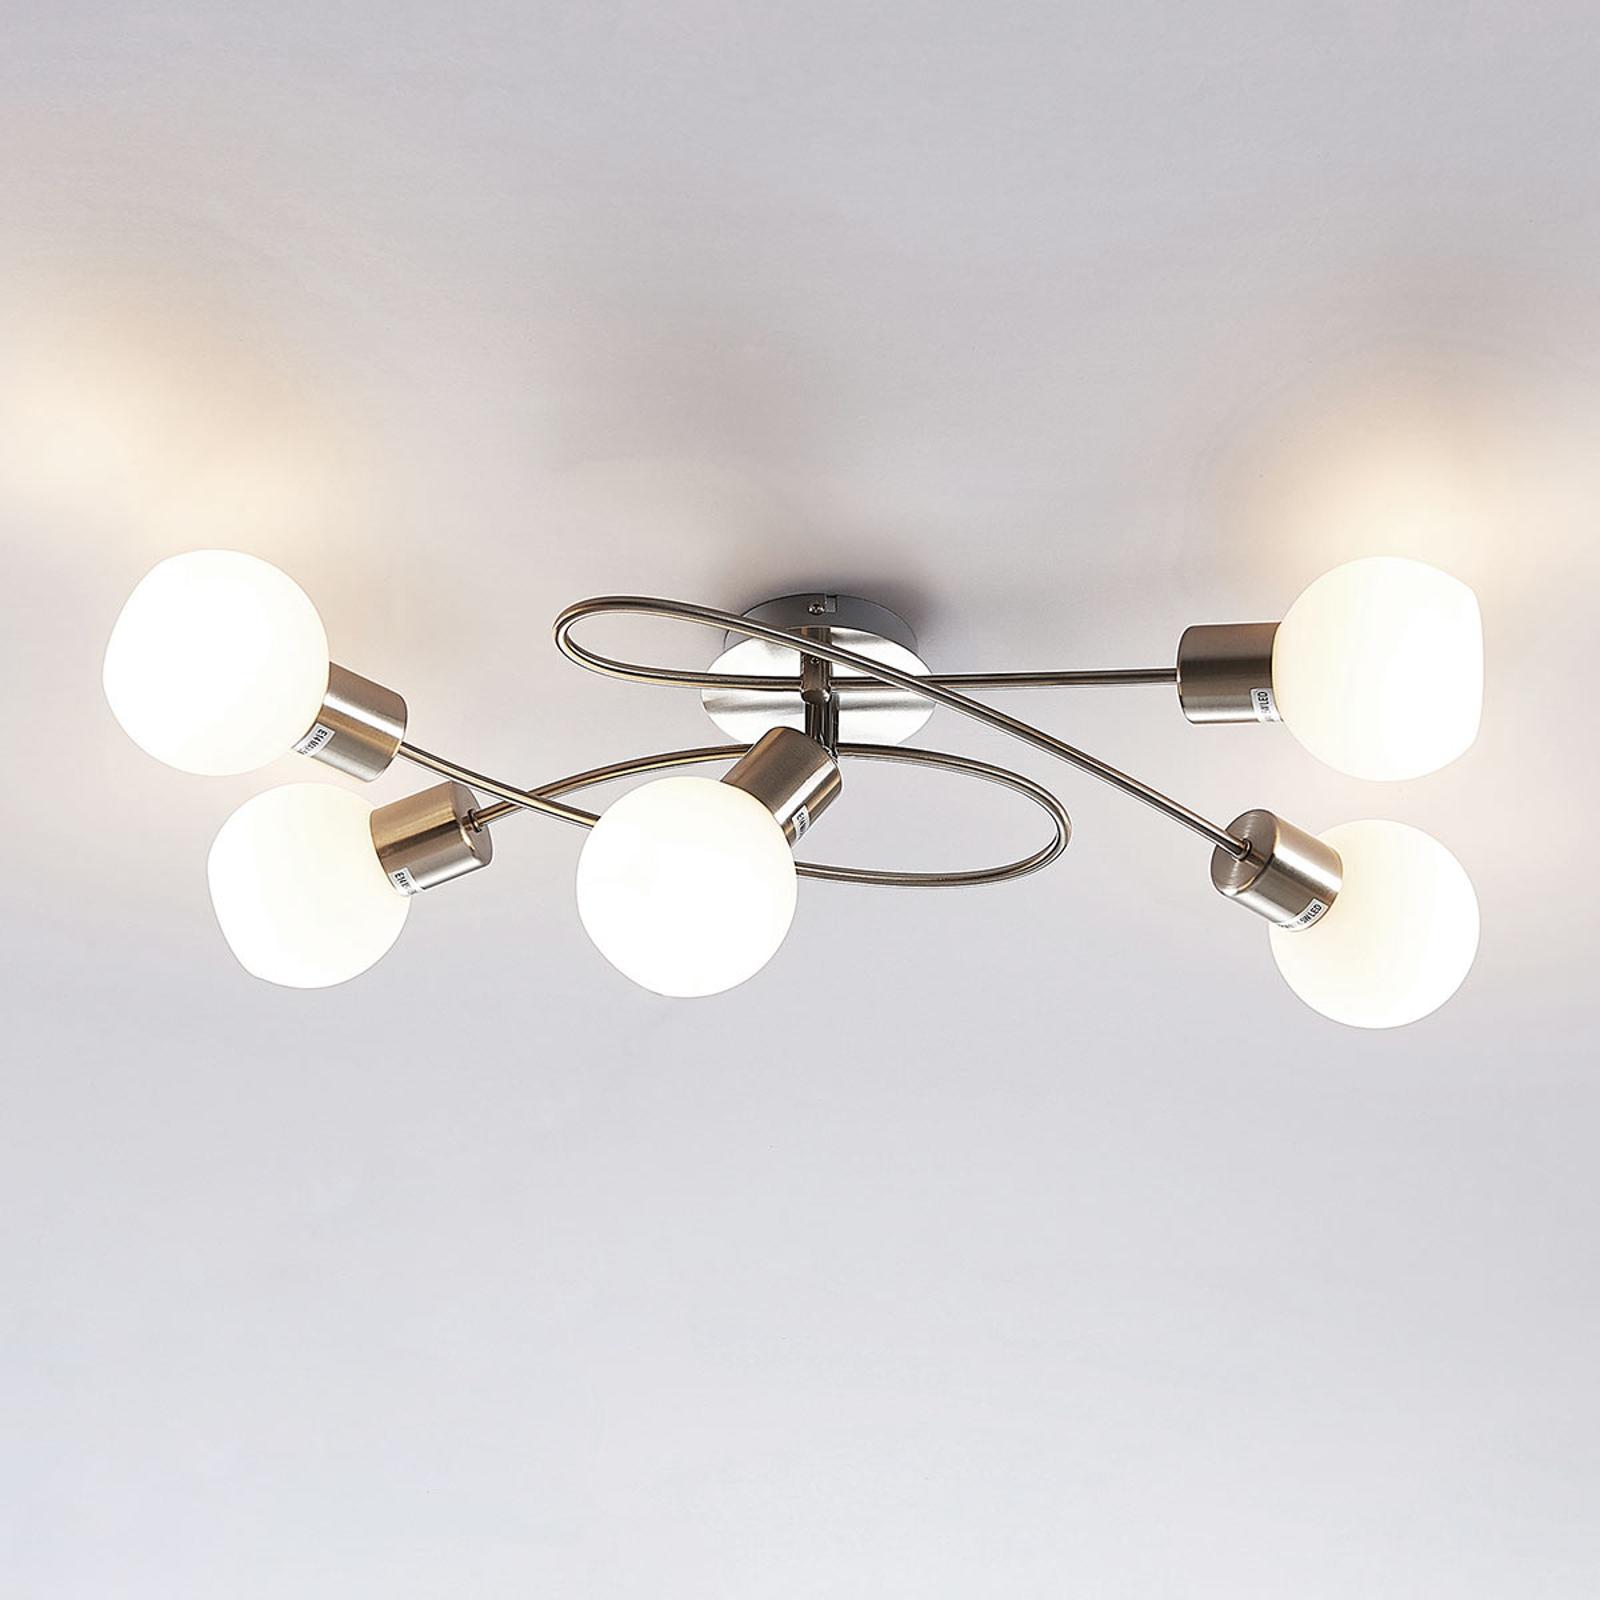 Elaina - lampada LED da soffitto a 5 luci nichel